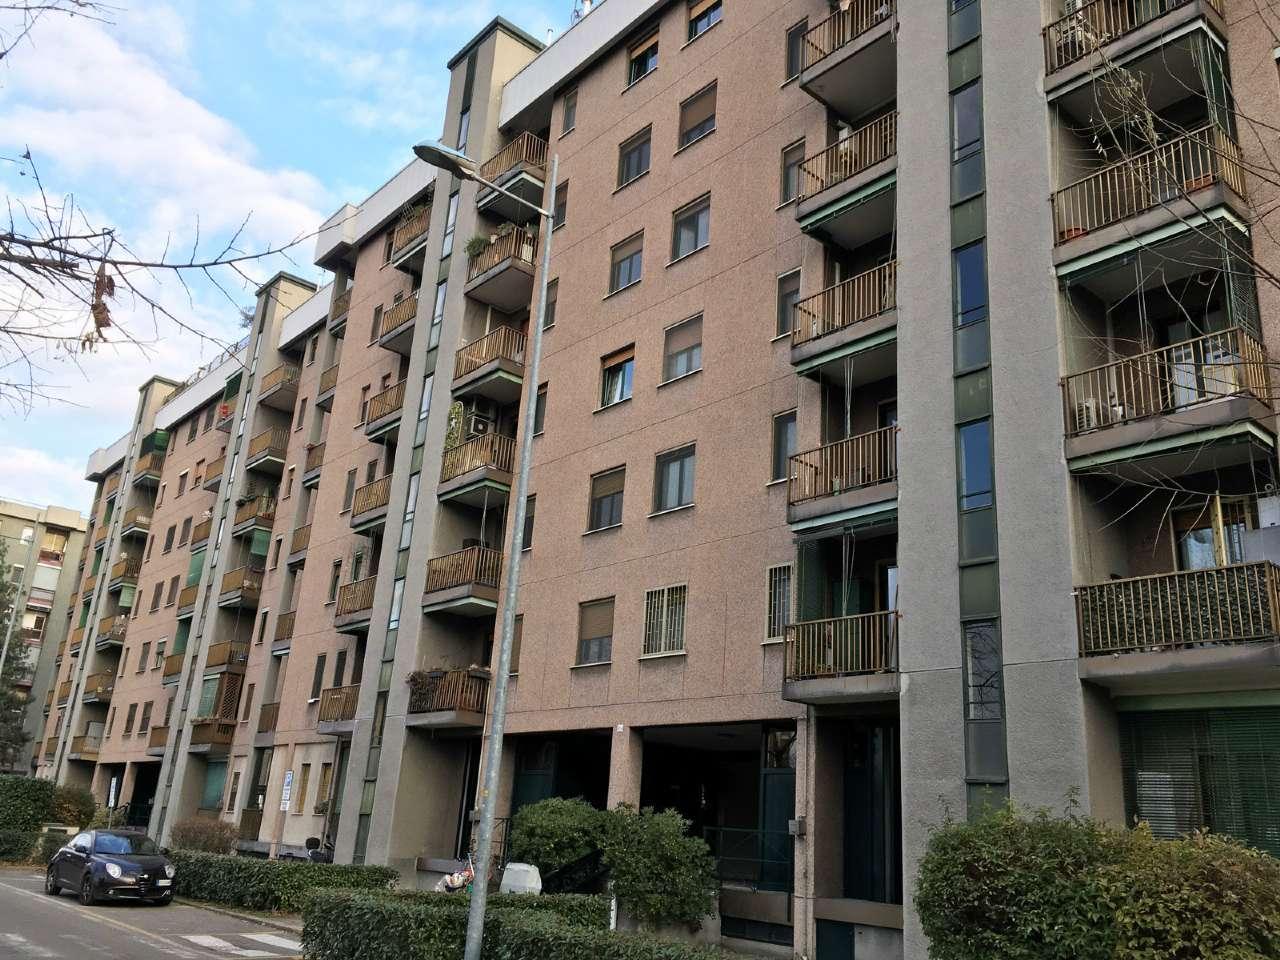 Appartamento in vendita a San Donato Milanese, 4 locali, prezzo € 235.000 | CambioCasa.it